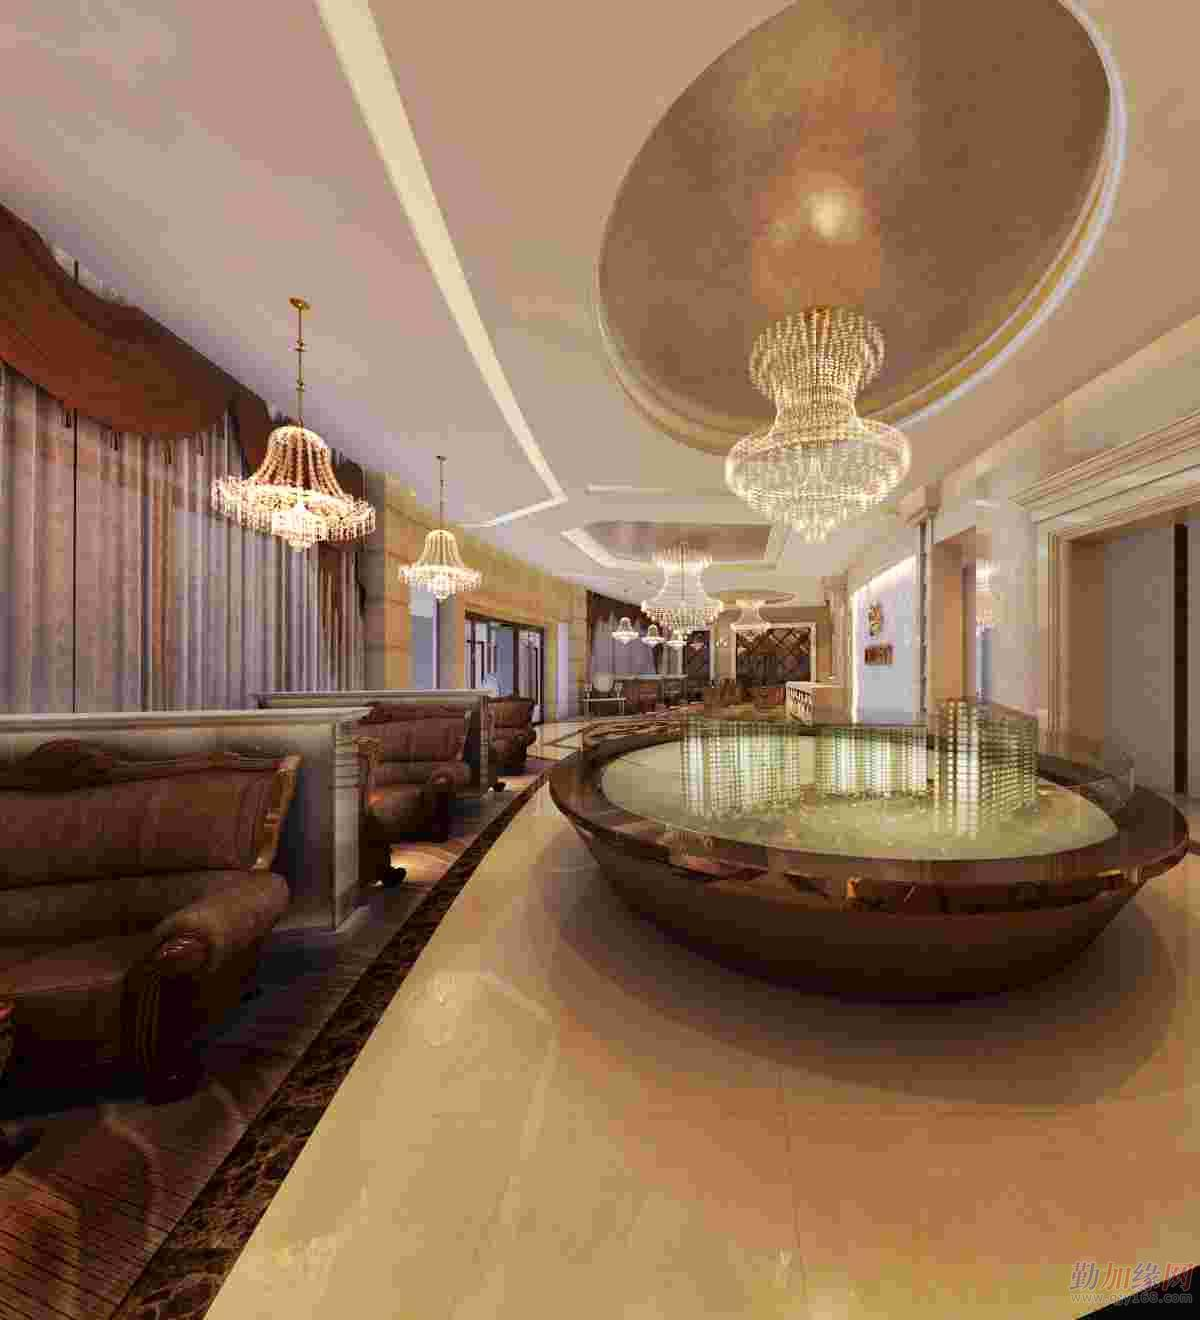 设计与施工,集成省区内首家工程与家装为一体的专业 装饰公司.